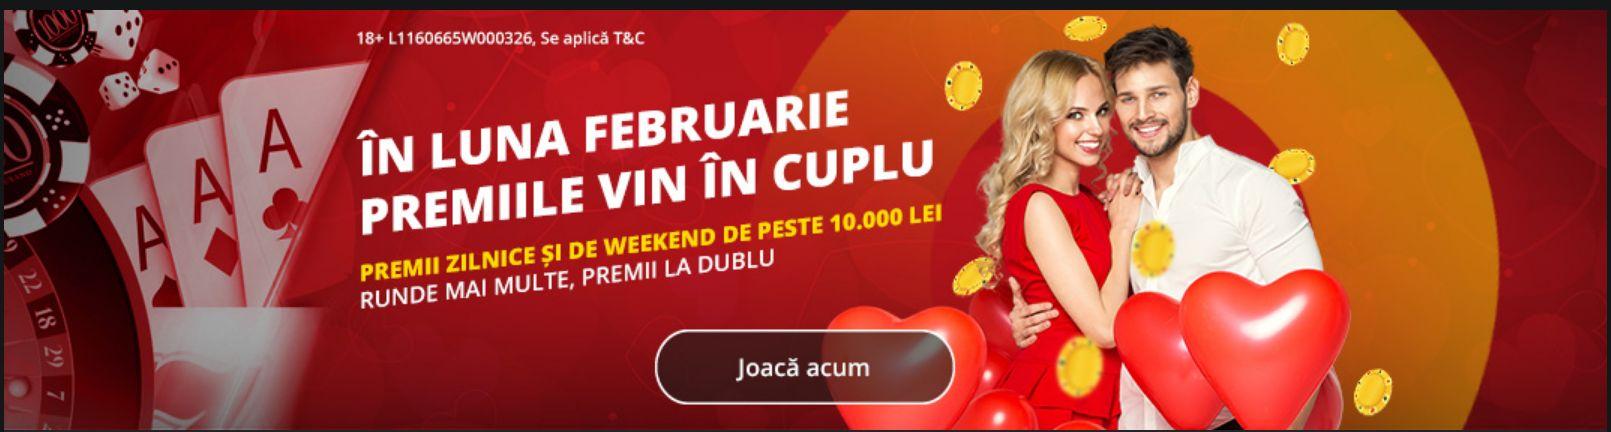 Cateva zile in care mai puteti participa la promotia V'Day